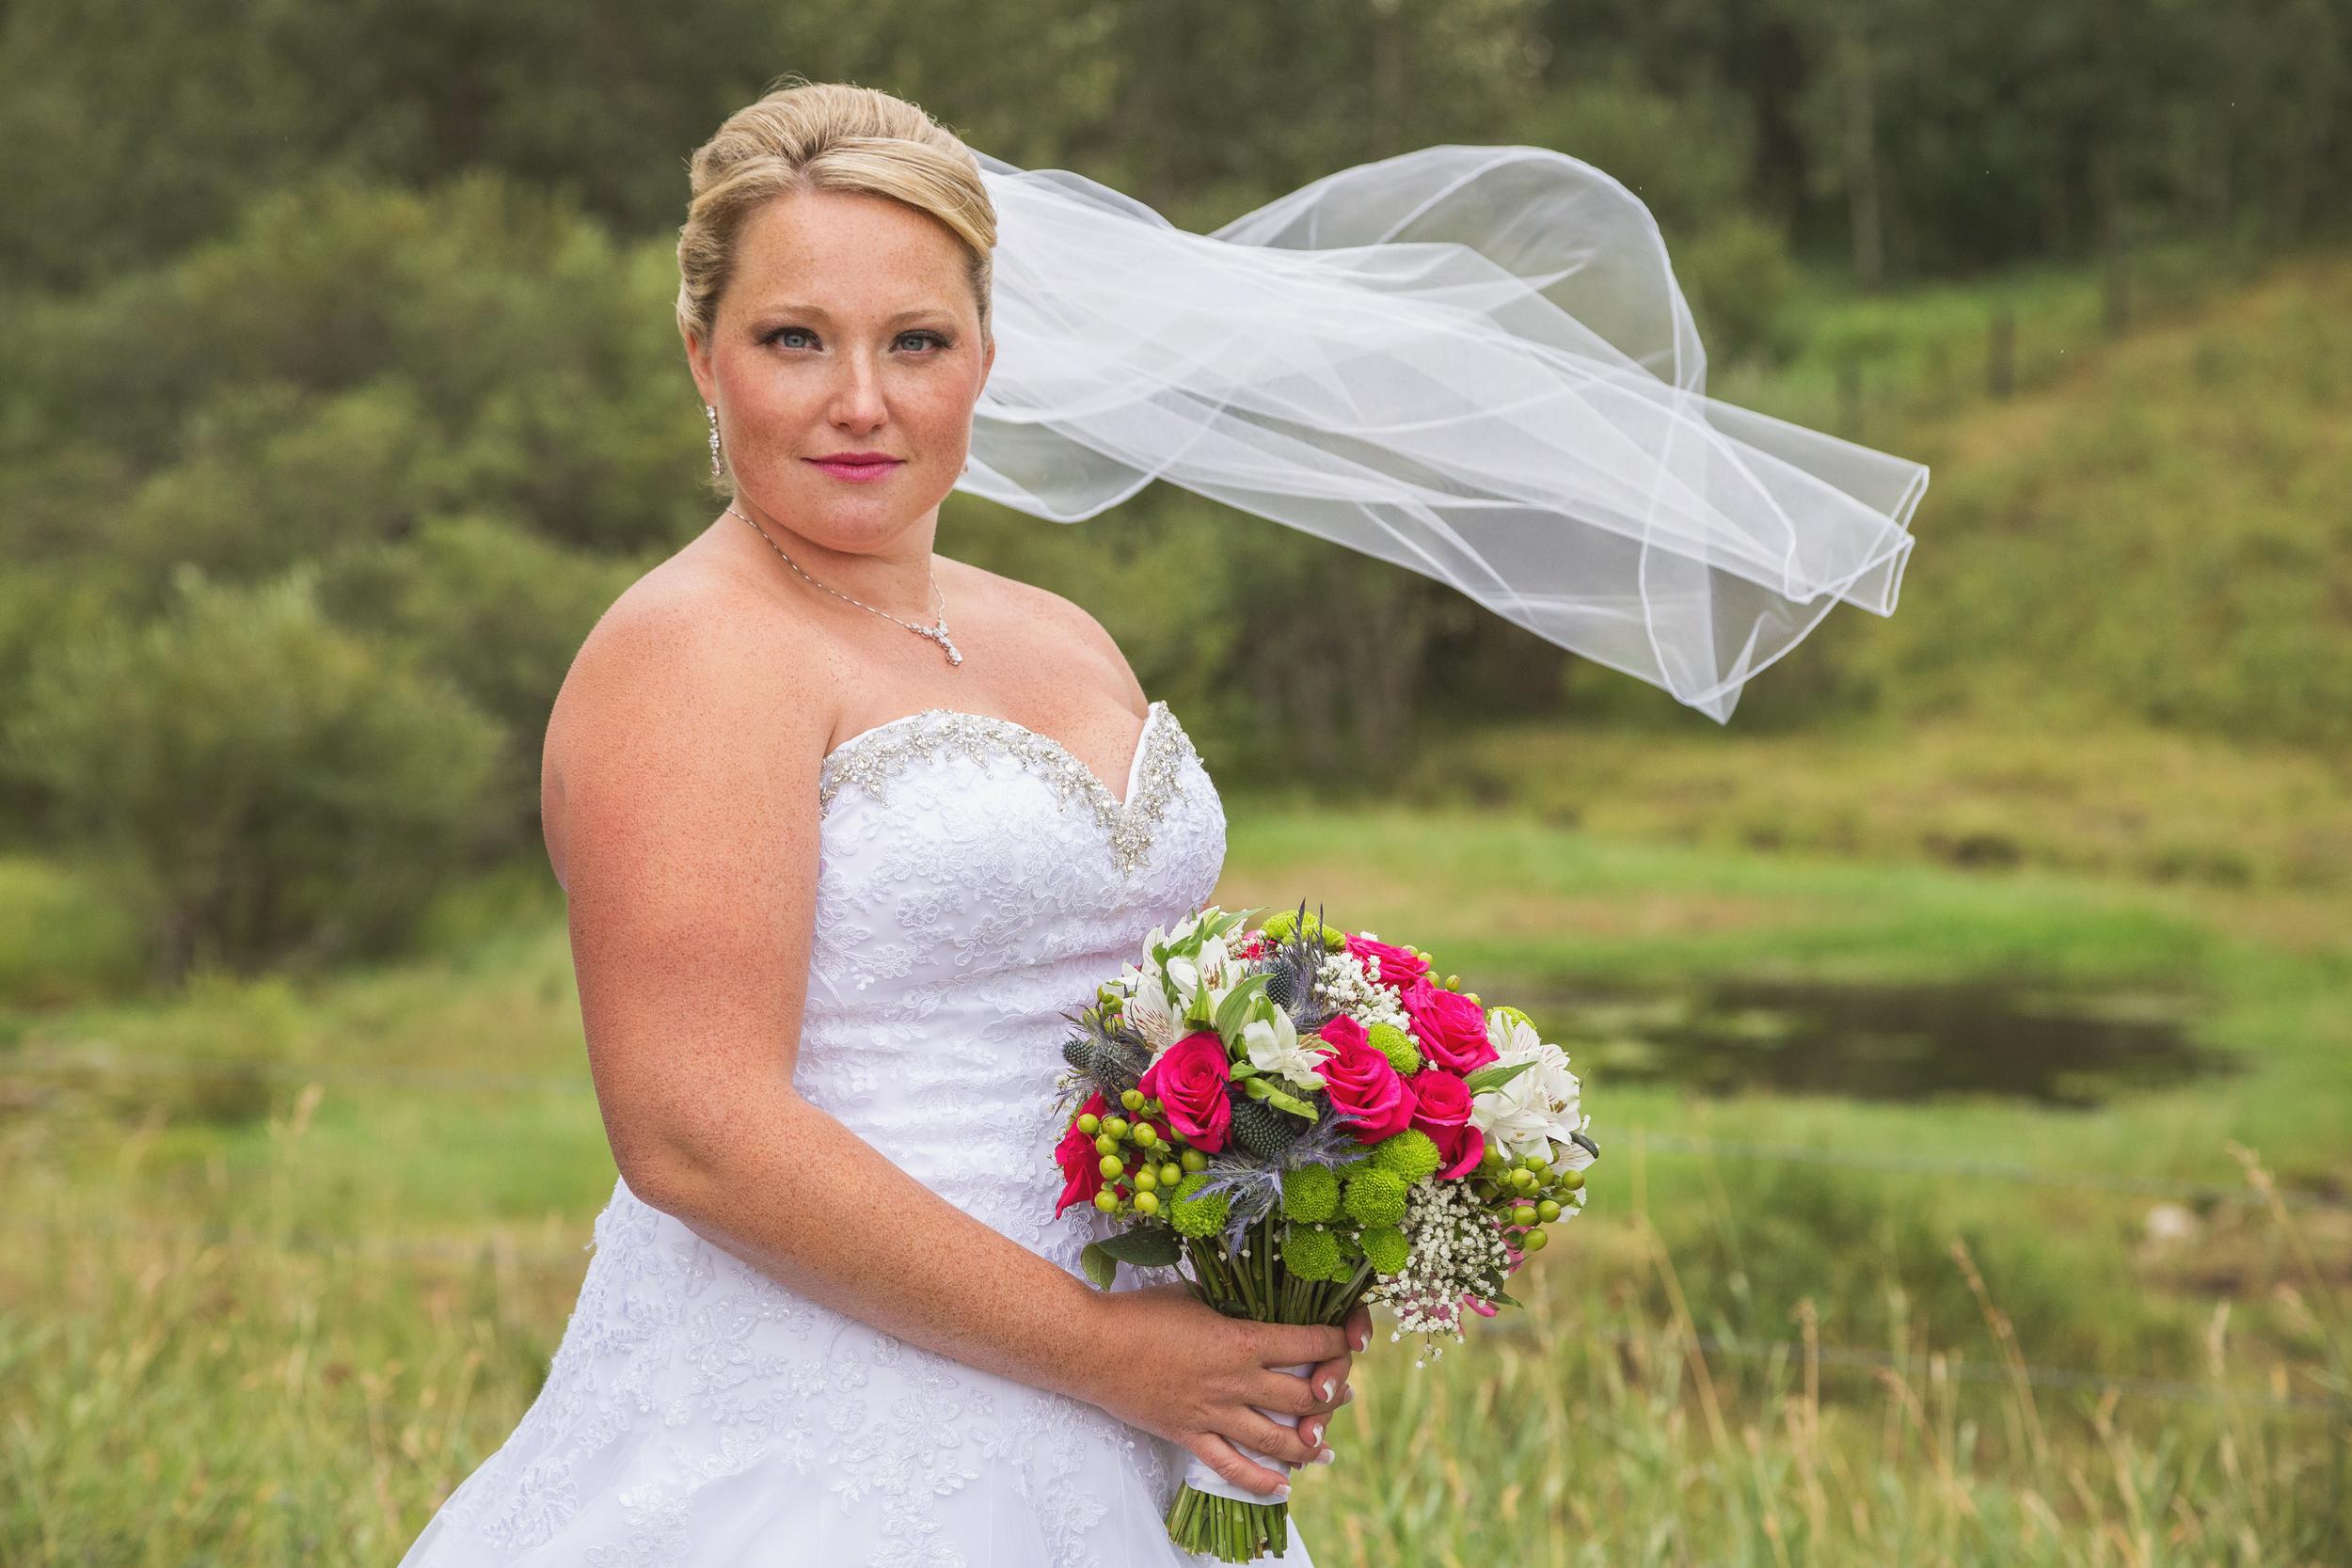 CS_Wedding_14-08-23_262.jpg